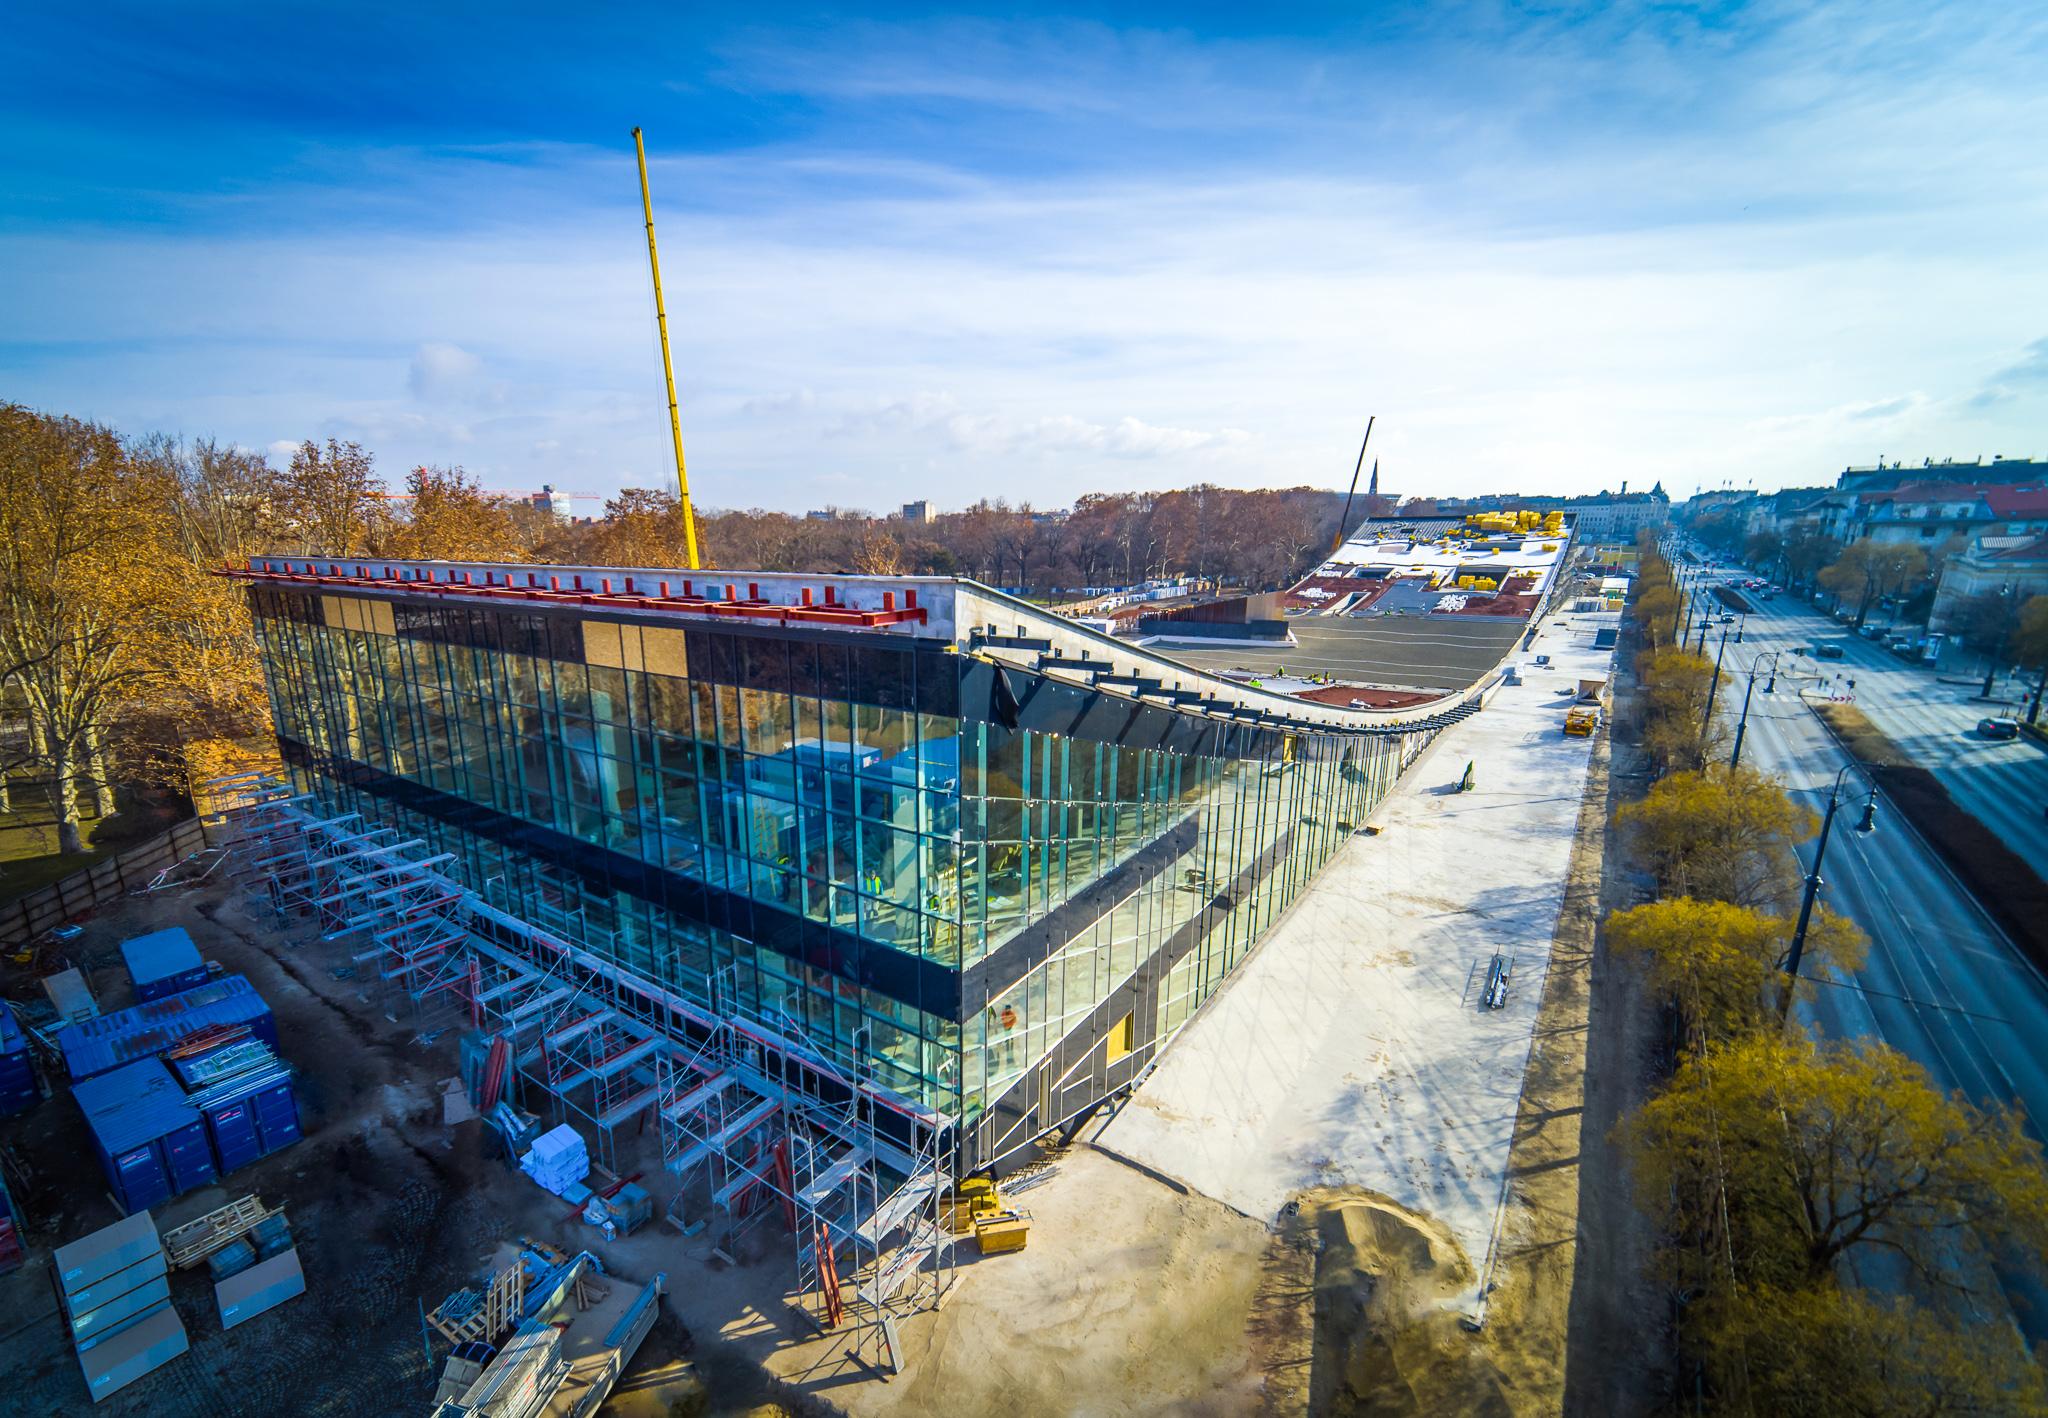 2018-ban a Néprajzi Múzeum új épülete a világ legjobb középülete lett